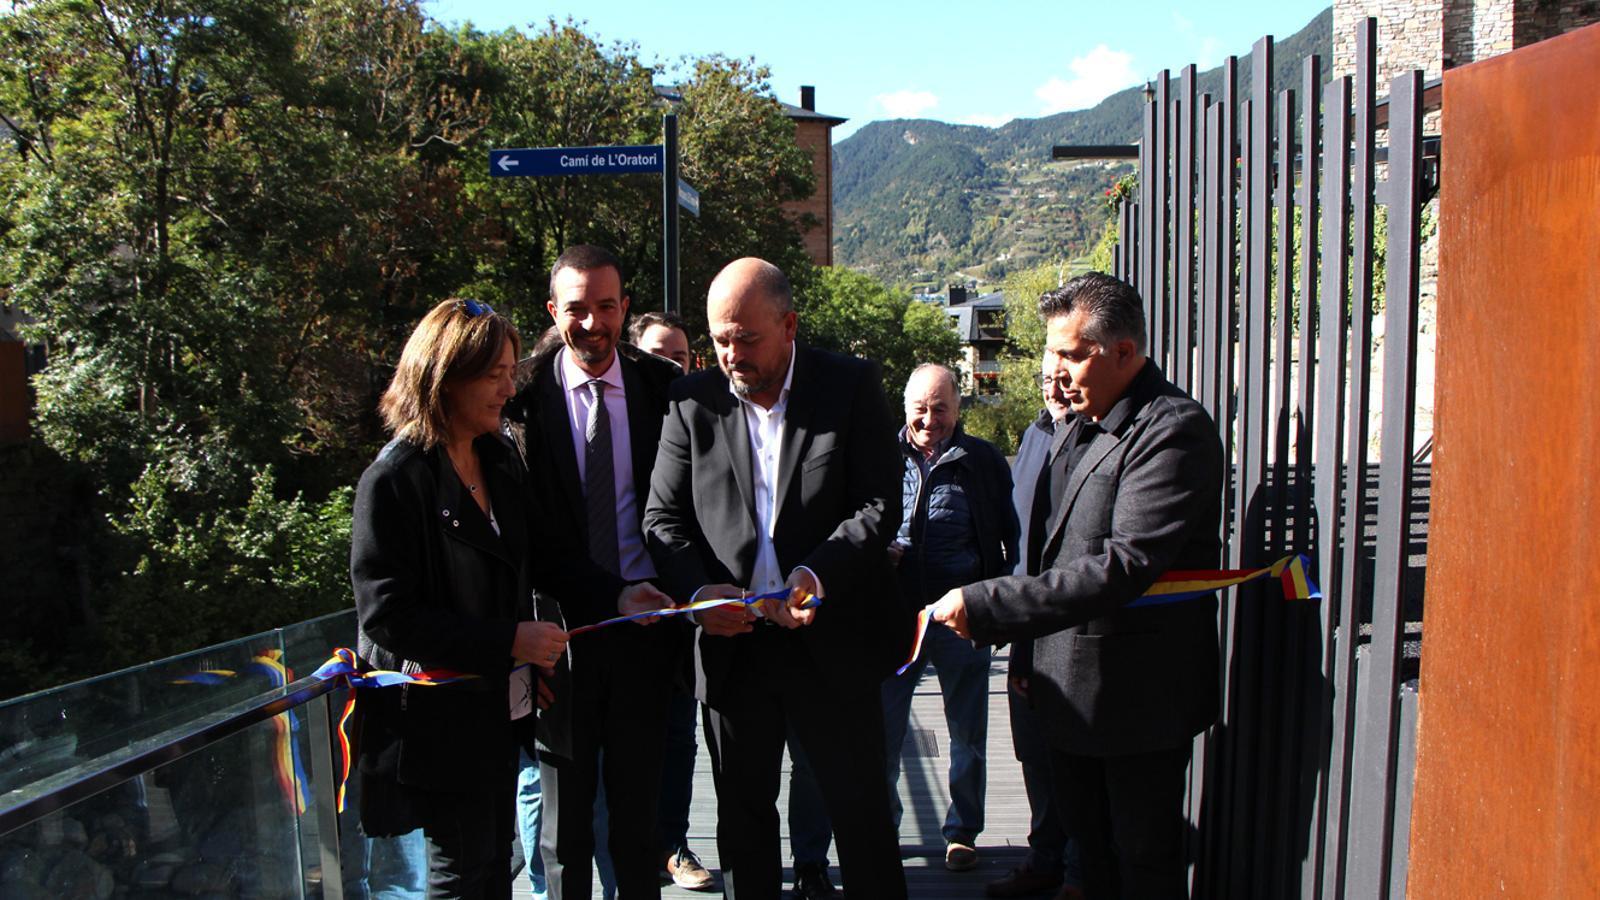 El cònsol major, Jordi Torres, talla la cinta amb altres autoritats al costat. / M. M.